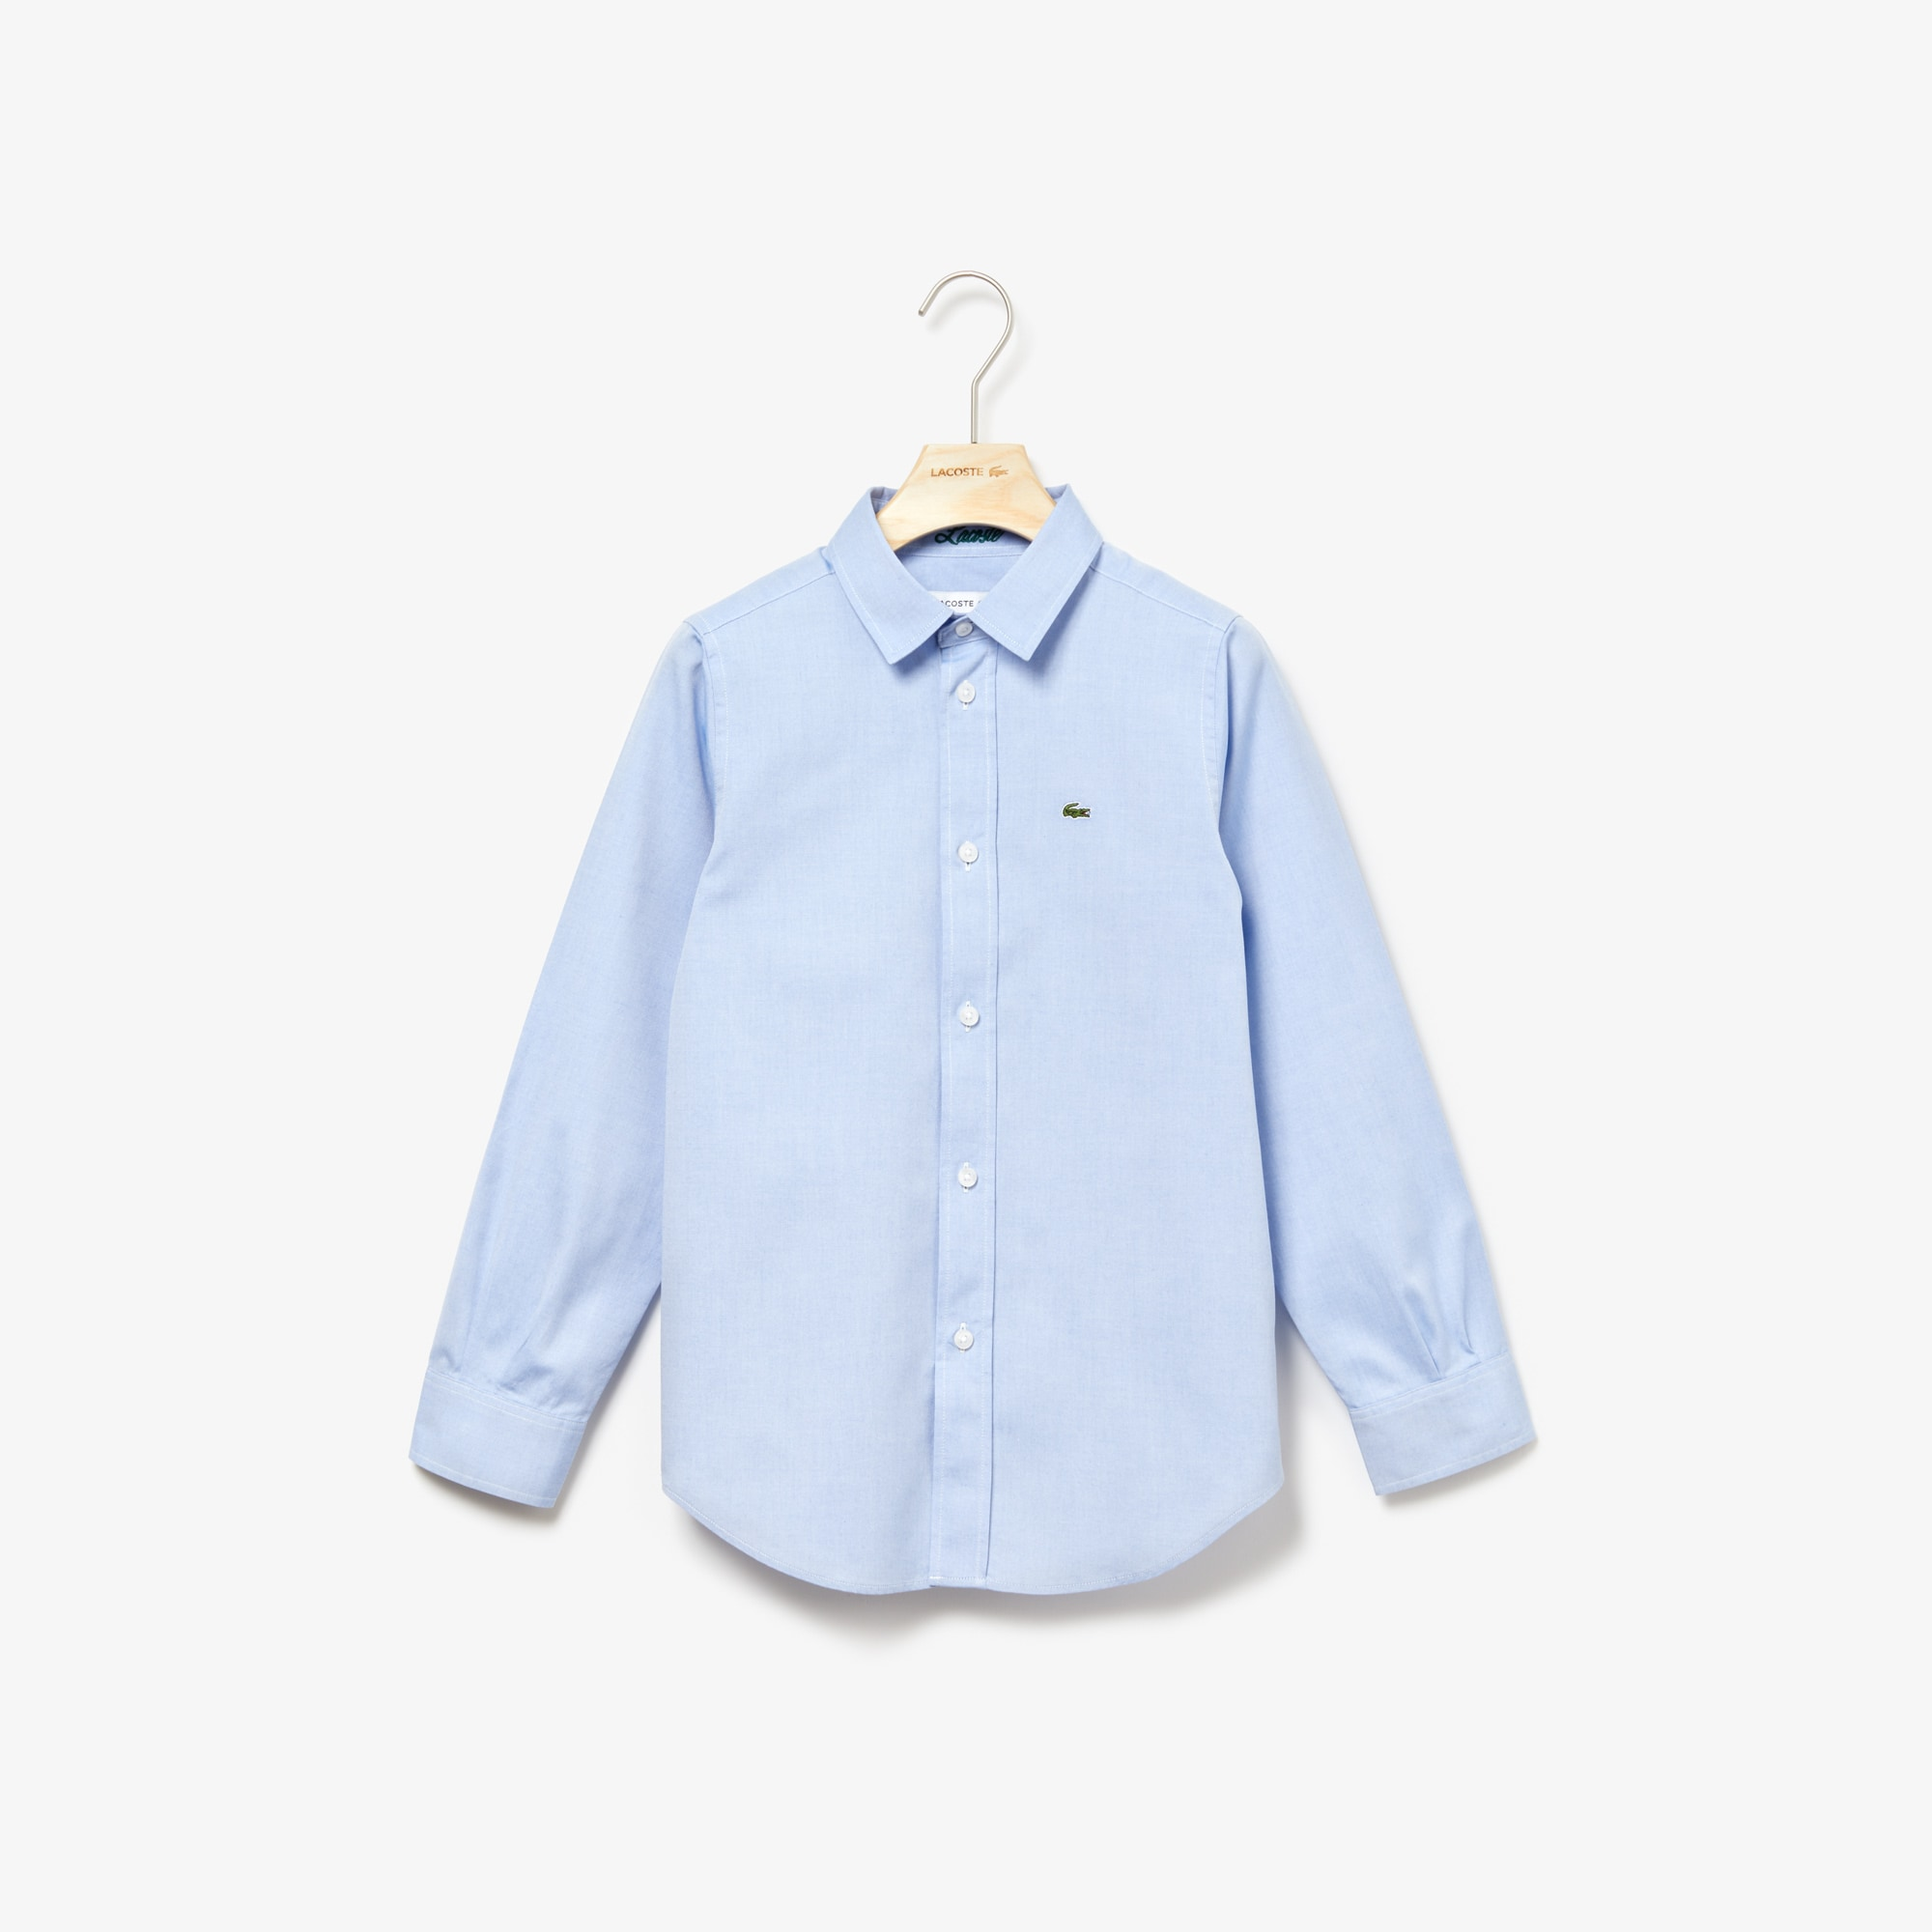 Camicia Kids in cotone Oxford tinta unita